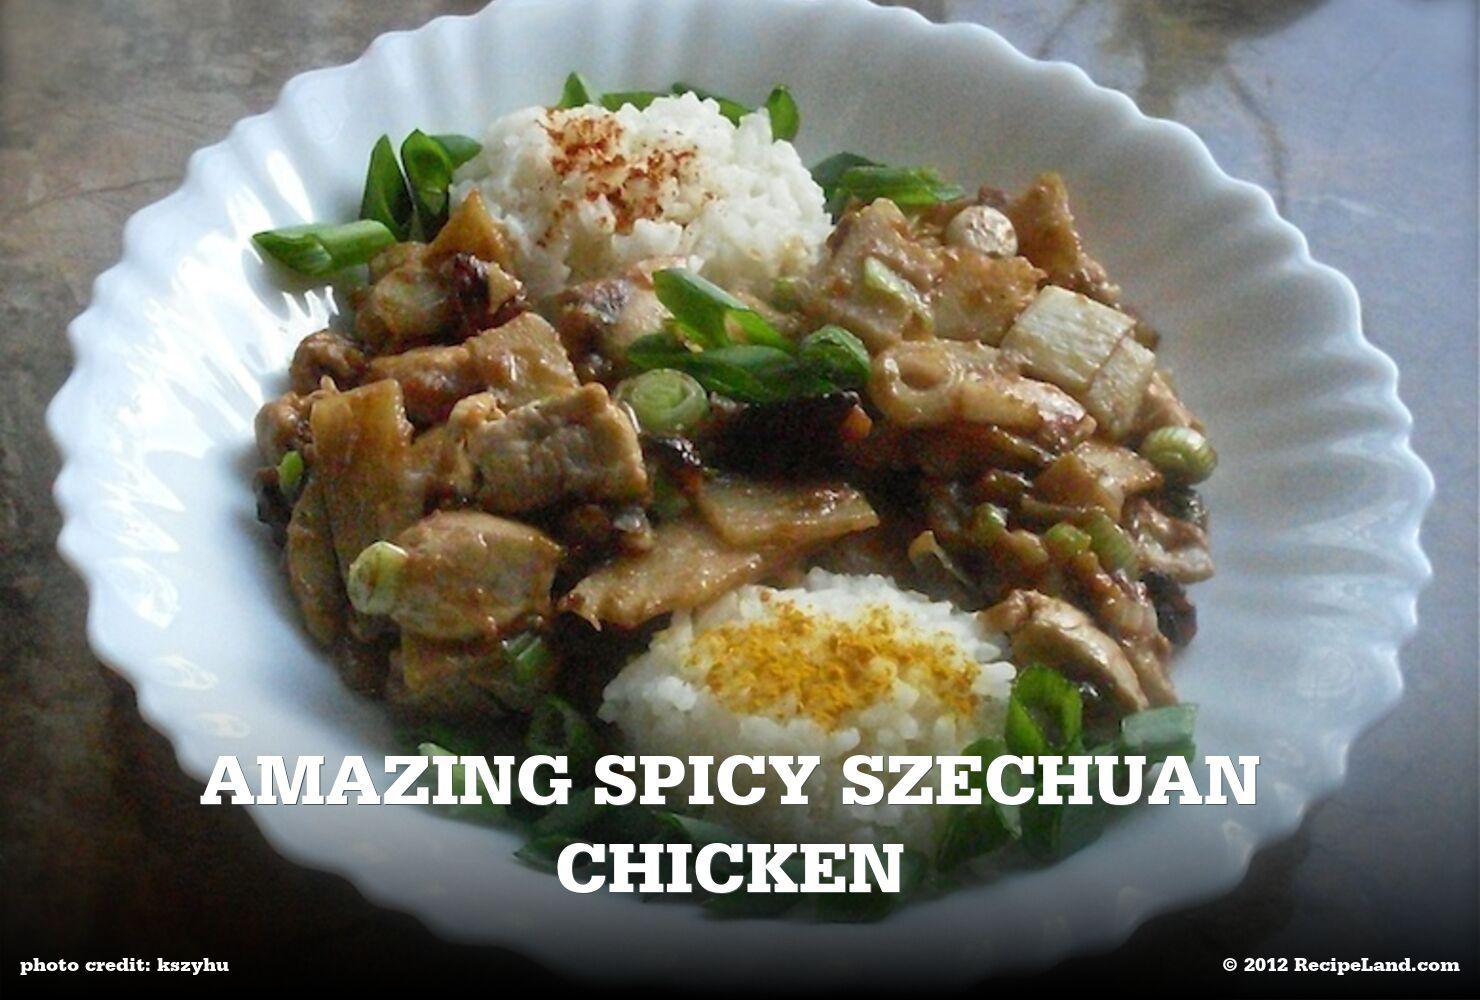 Amazing Spicy Szechuan Chicken